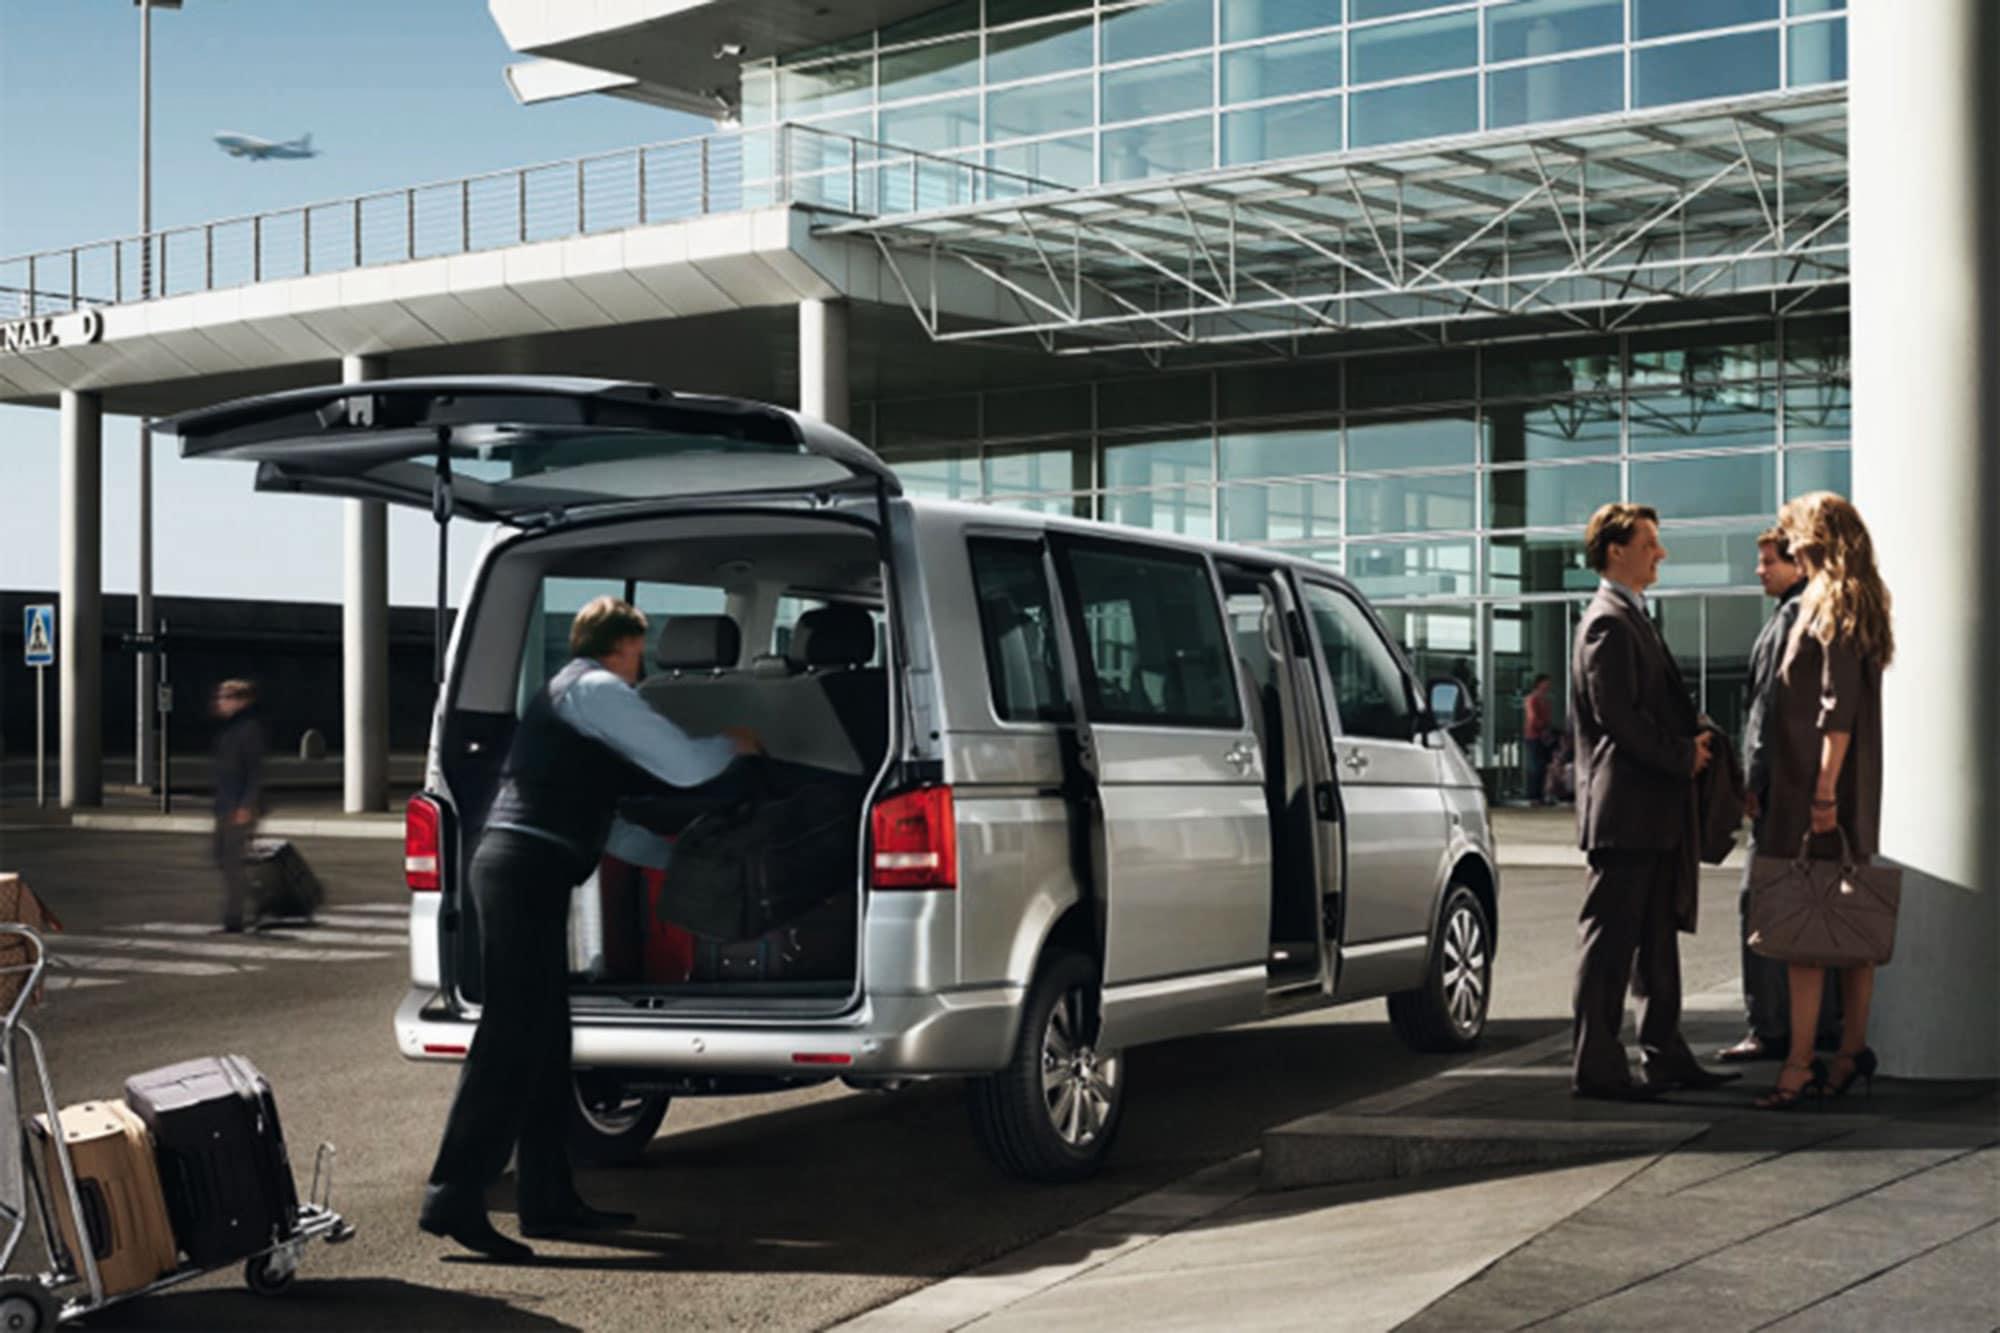 Dolomiti Transfer - Noleggio con Conducente - Ncc - Taxi - Viaggi Aziendali treviso aeroporto